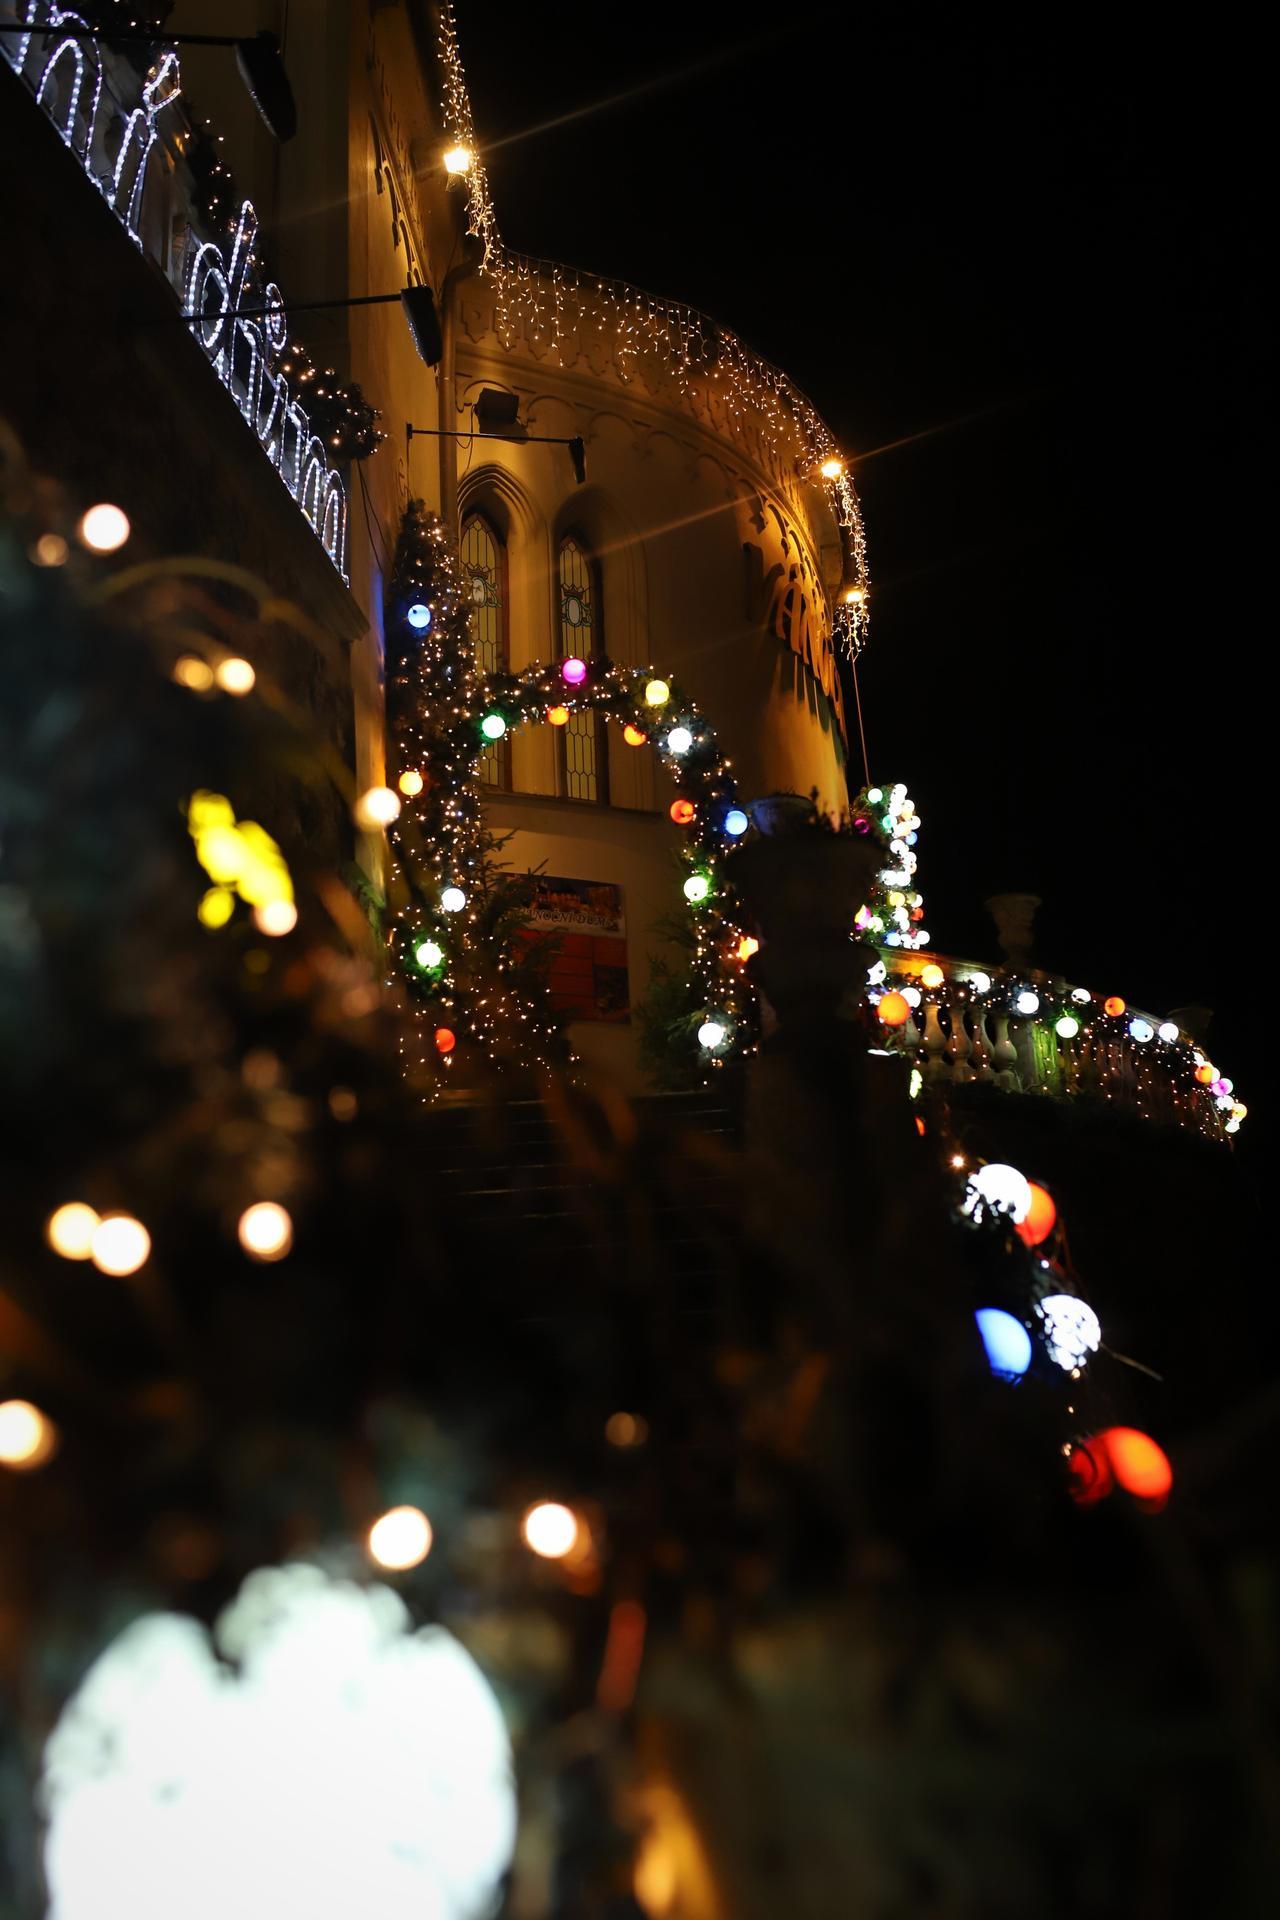 K našemu adventu  patří i návštěva Vánočního domu v Karlových Varech. Kdo nezná, určitě stojí za návštěvu! Více foto a informací na instagramu giselle.cz - Obrázek č. 2